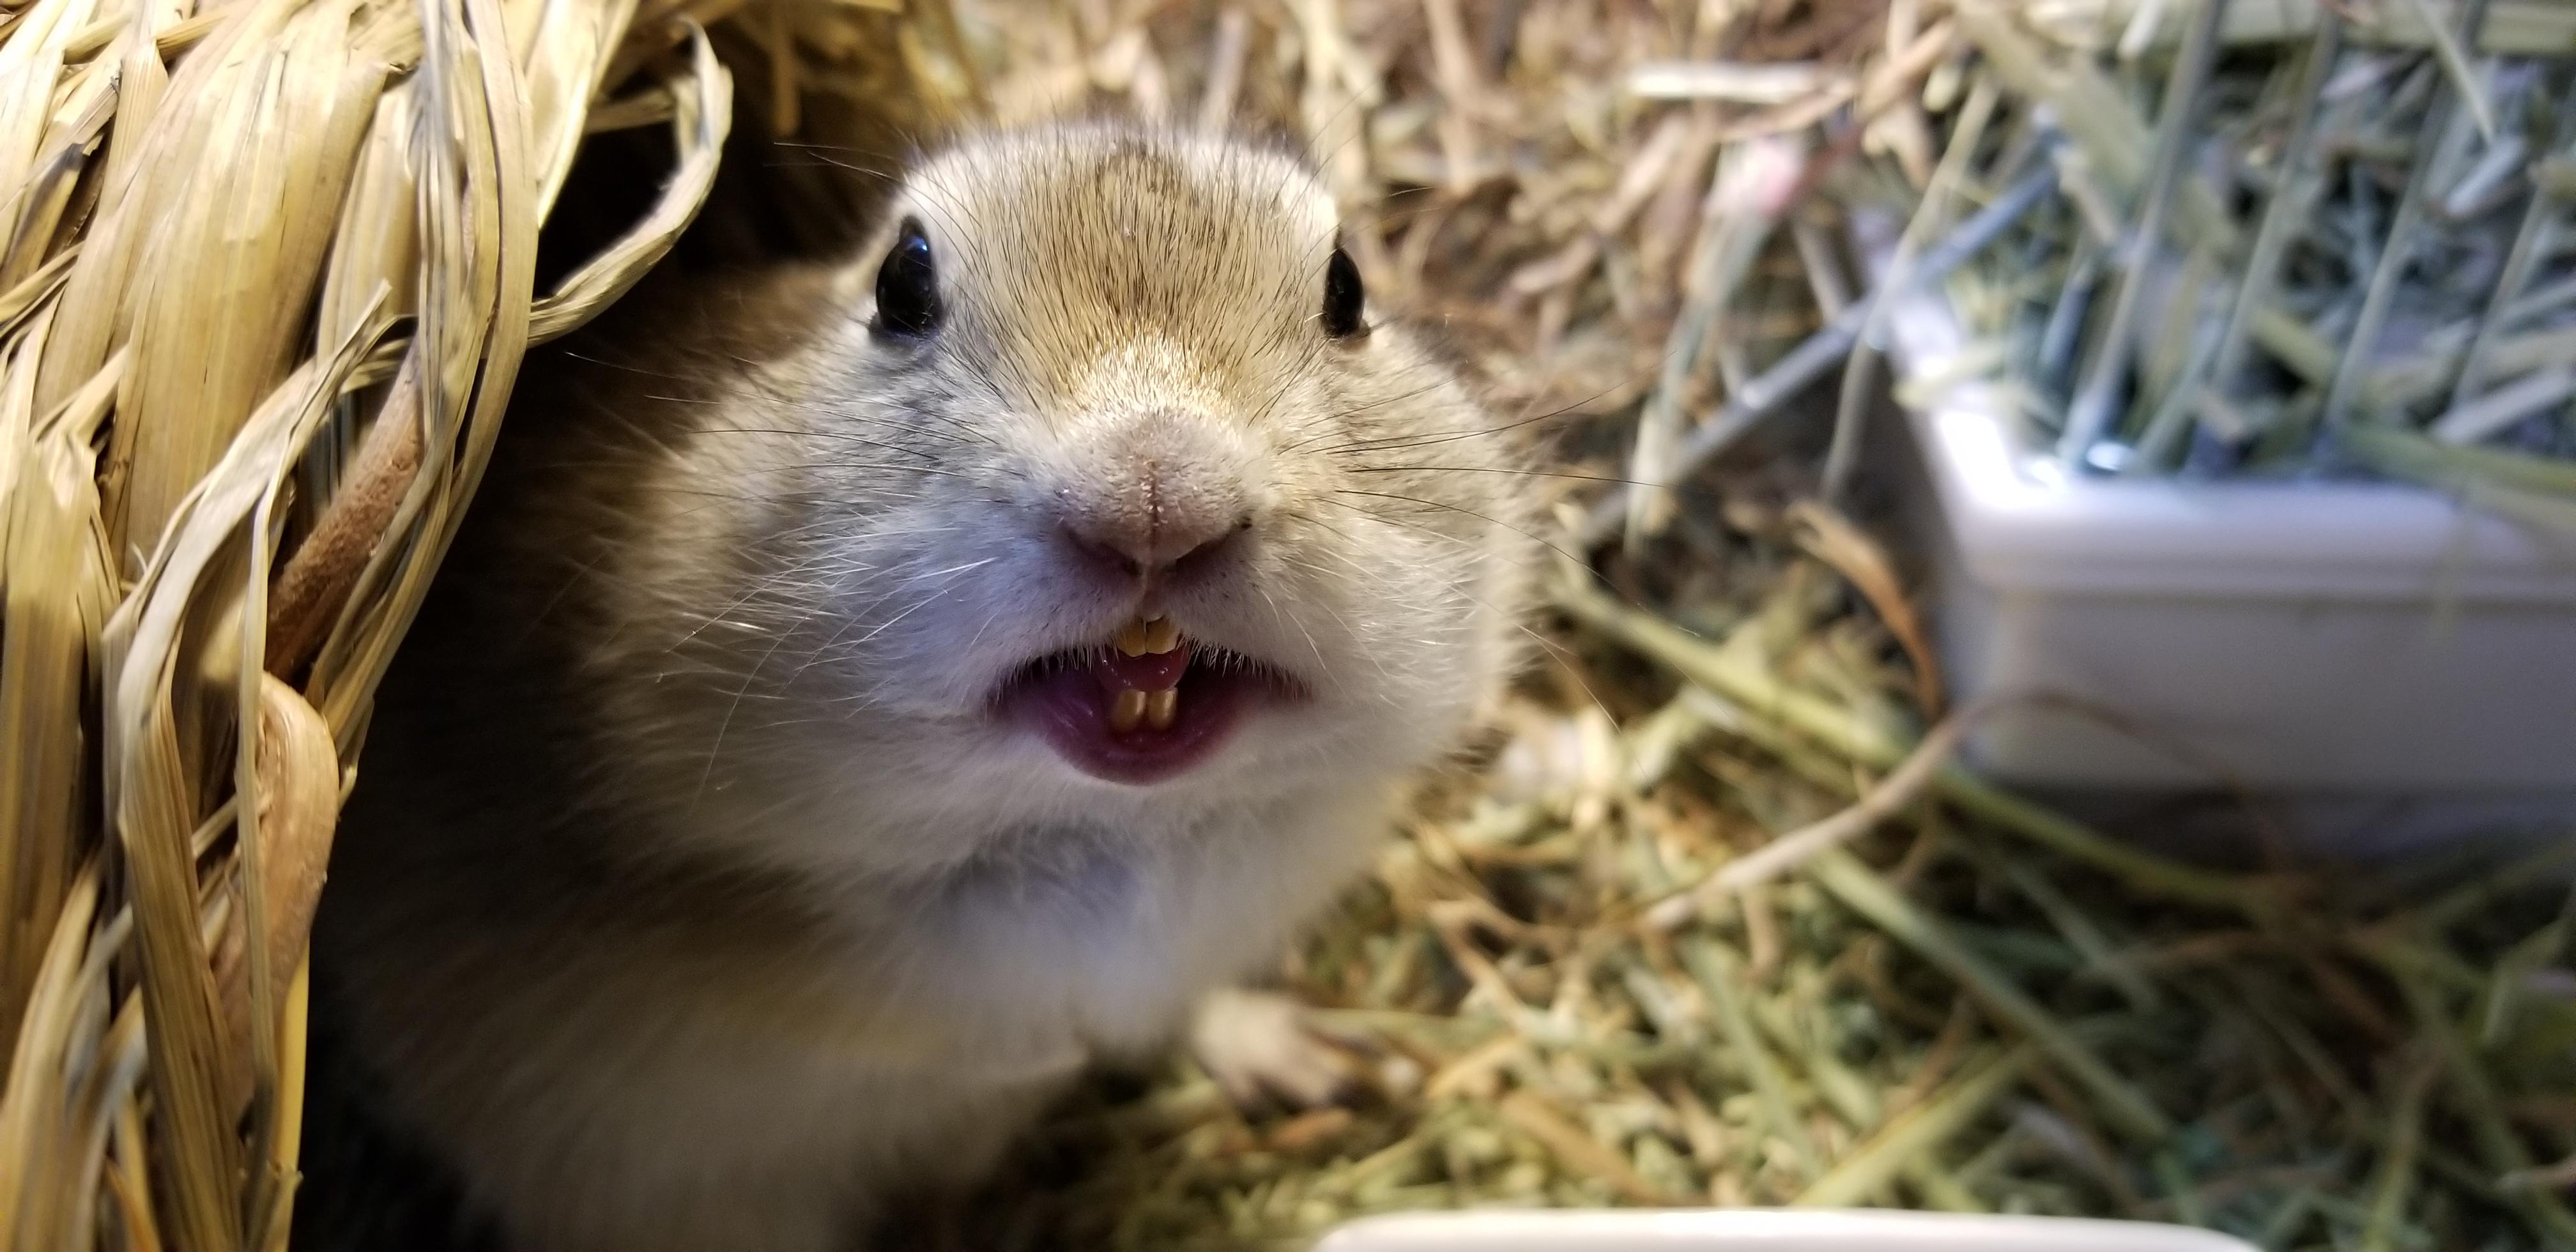 リチャードソンジリスの前歯が折れた!噛む牧草やペット用品!